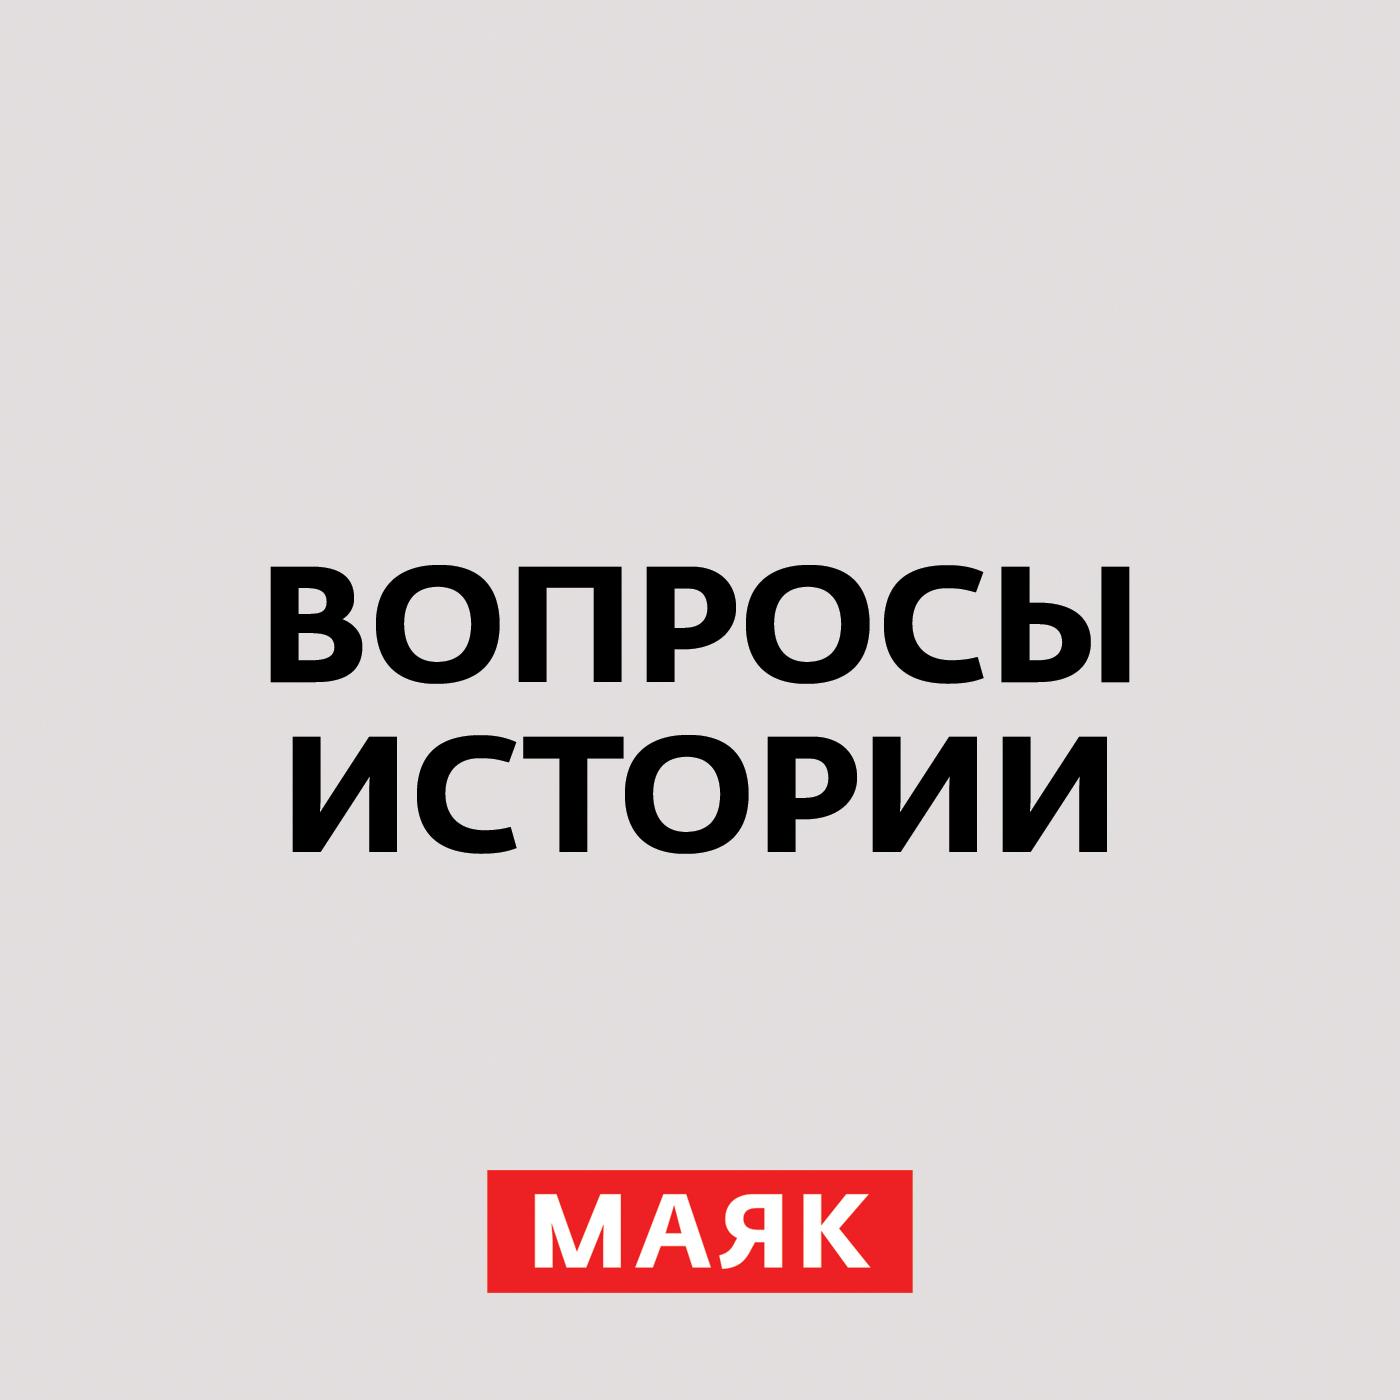 Андрей Светенко Вторая мировая война: англичан не в чем упрекнуть хаммертон дж ред вторая мировая война блицкриг илл история